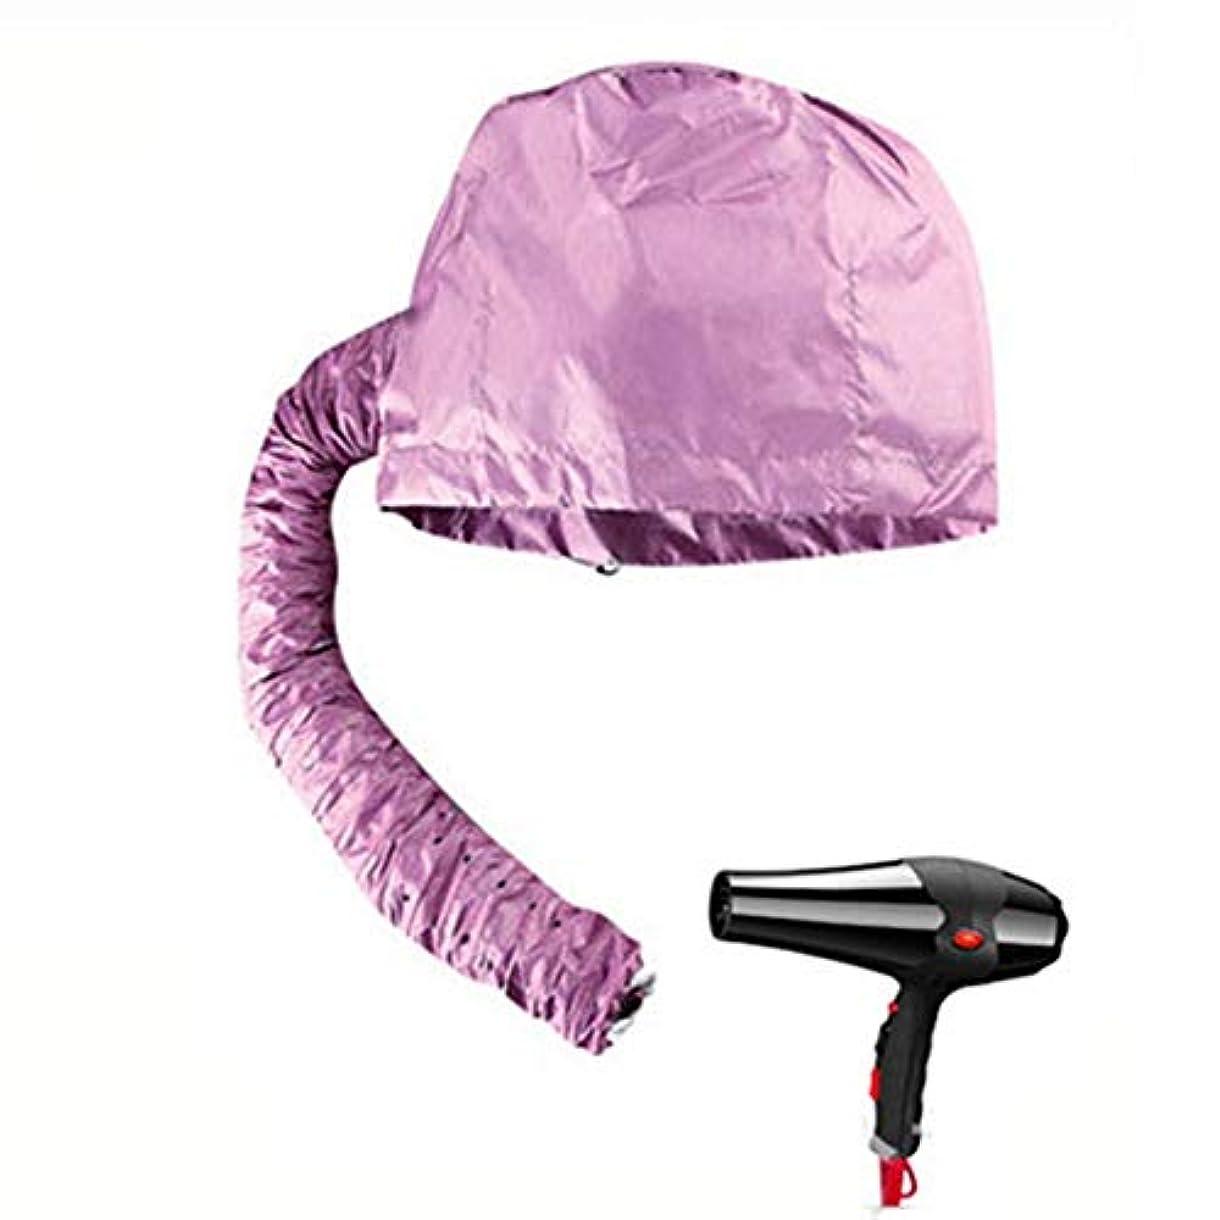 研究所危険を冒します盆TerGOOSE ヒートキャップ ヘアドライヤーキャップ 加温キャップ DIY 加熱機能 マイルドヒートキャップ ヘアケア帽子 髪干し帽子 髪ケア ホームサロン タイマー機能 携帯(パープル)